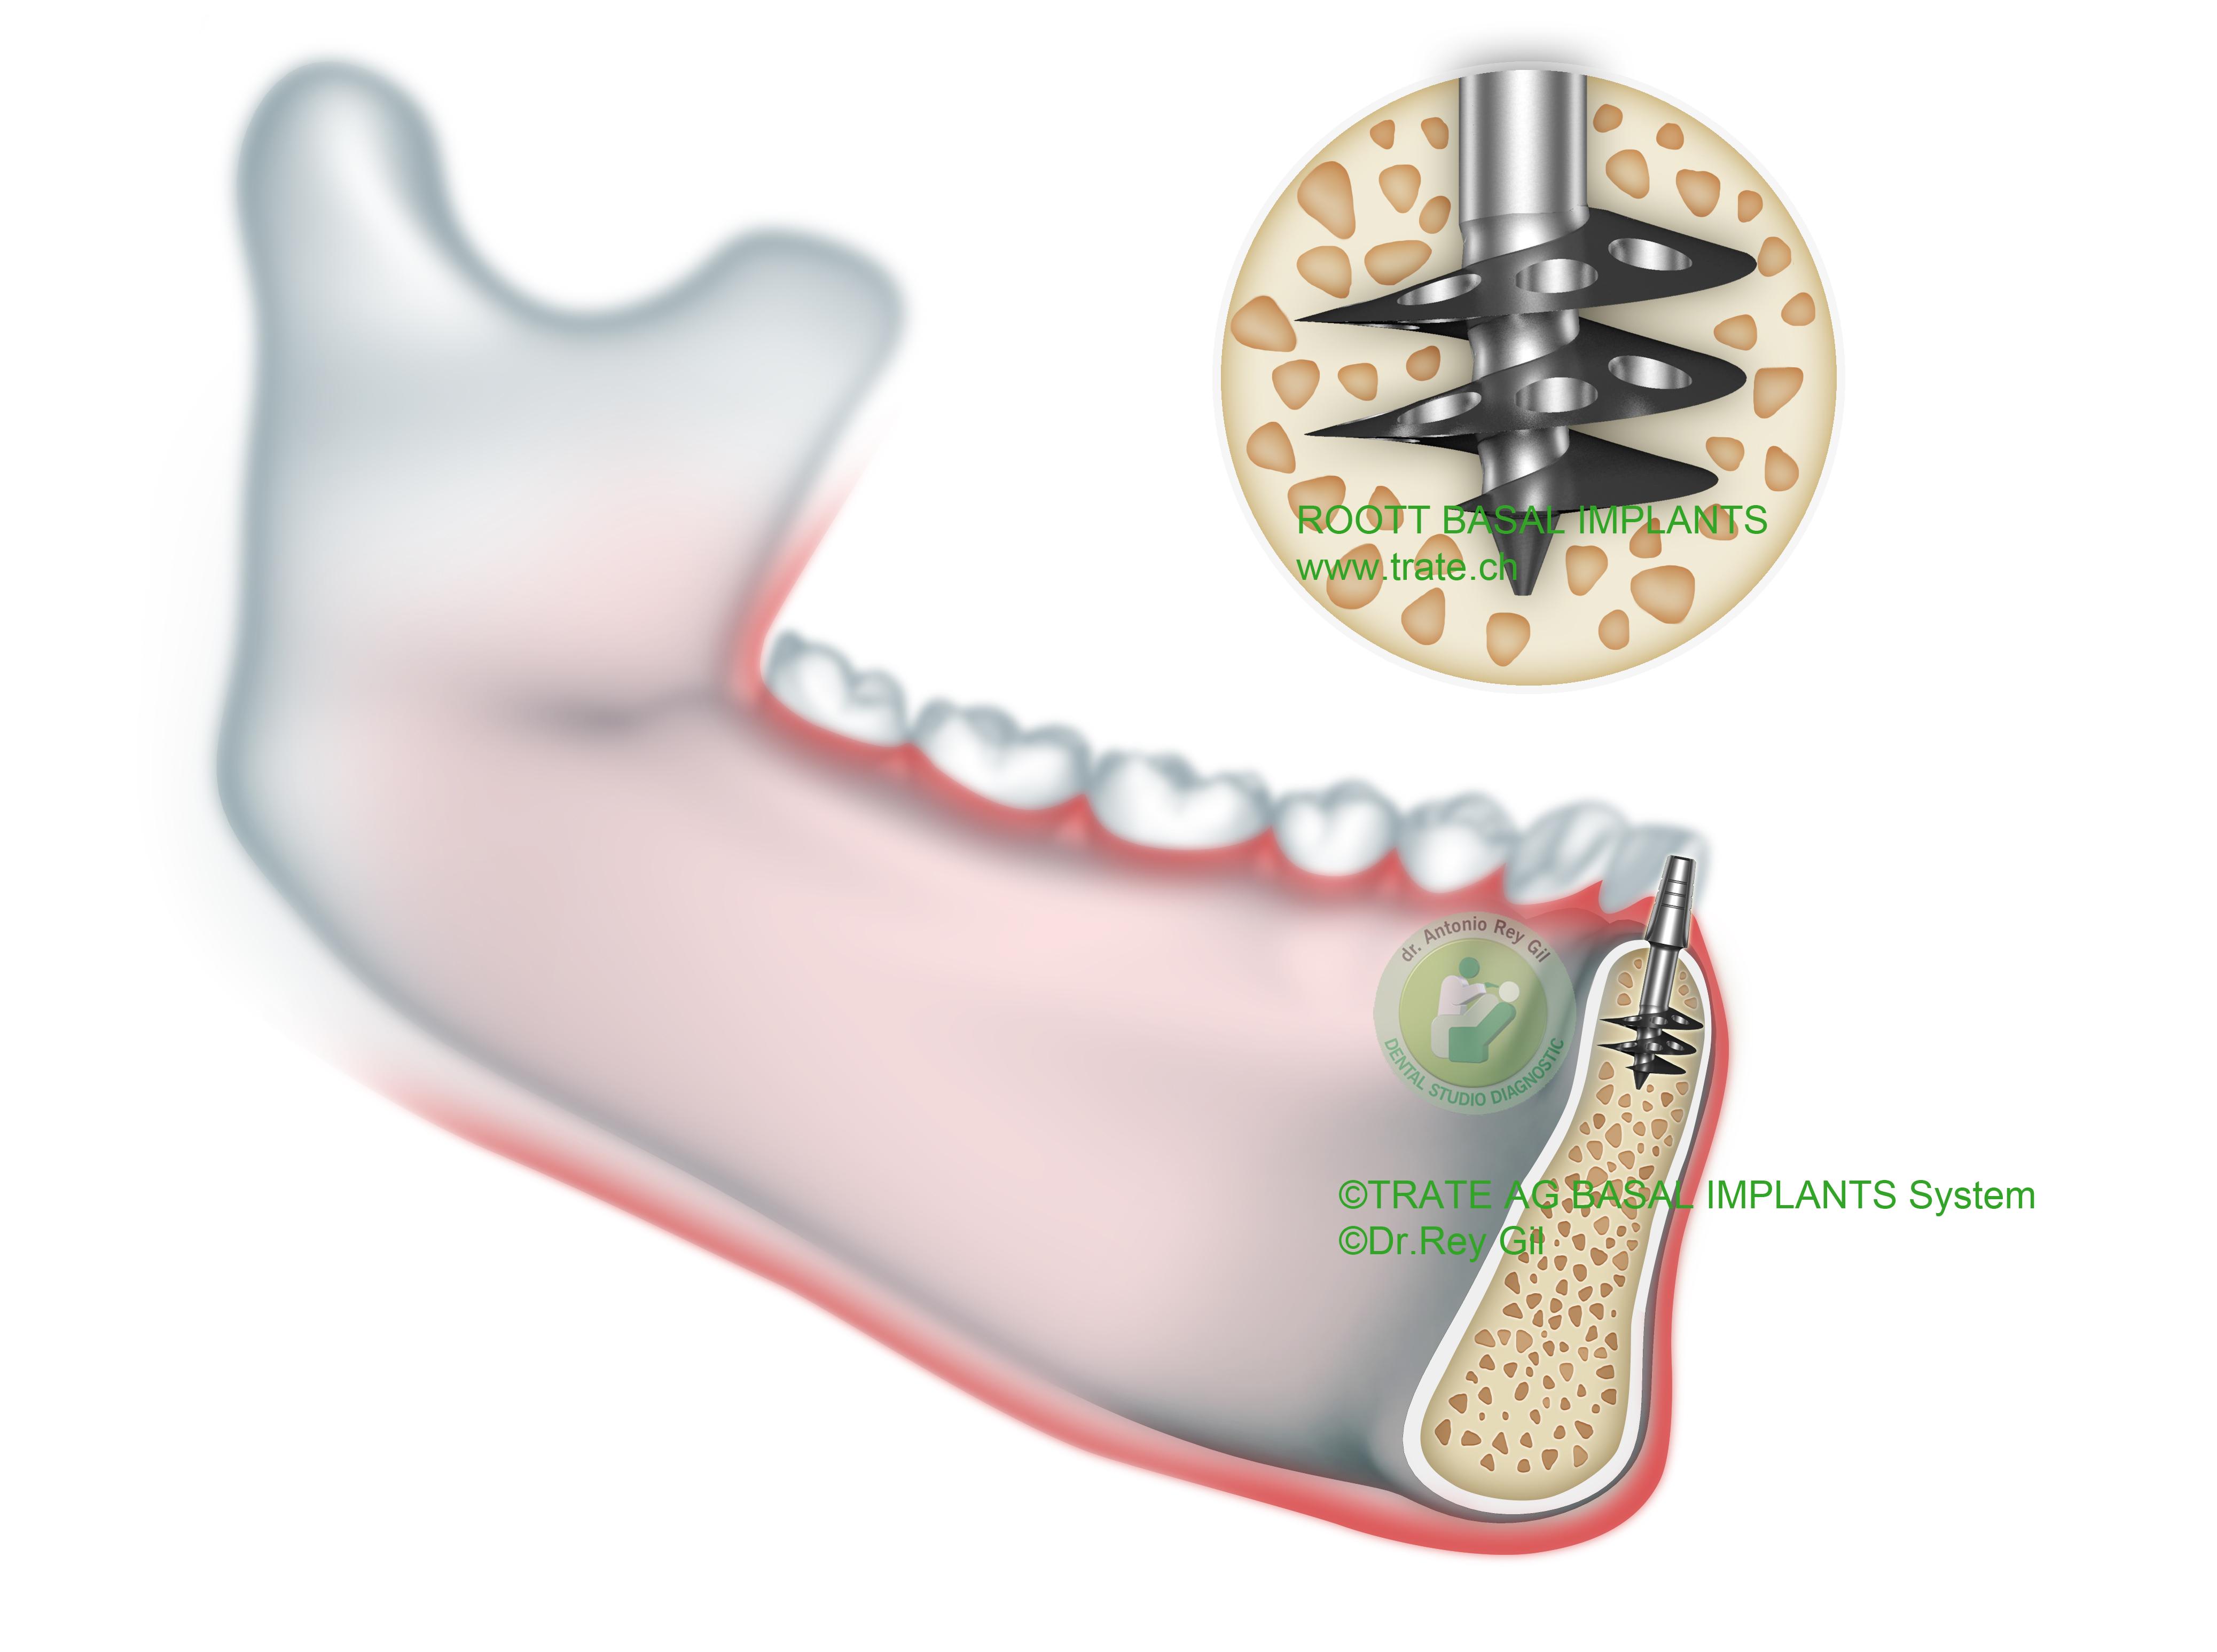 Implante Basal Roott